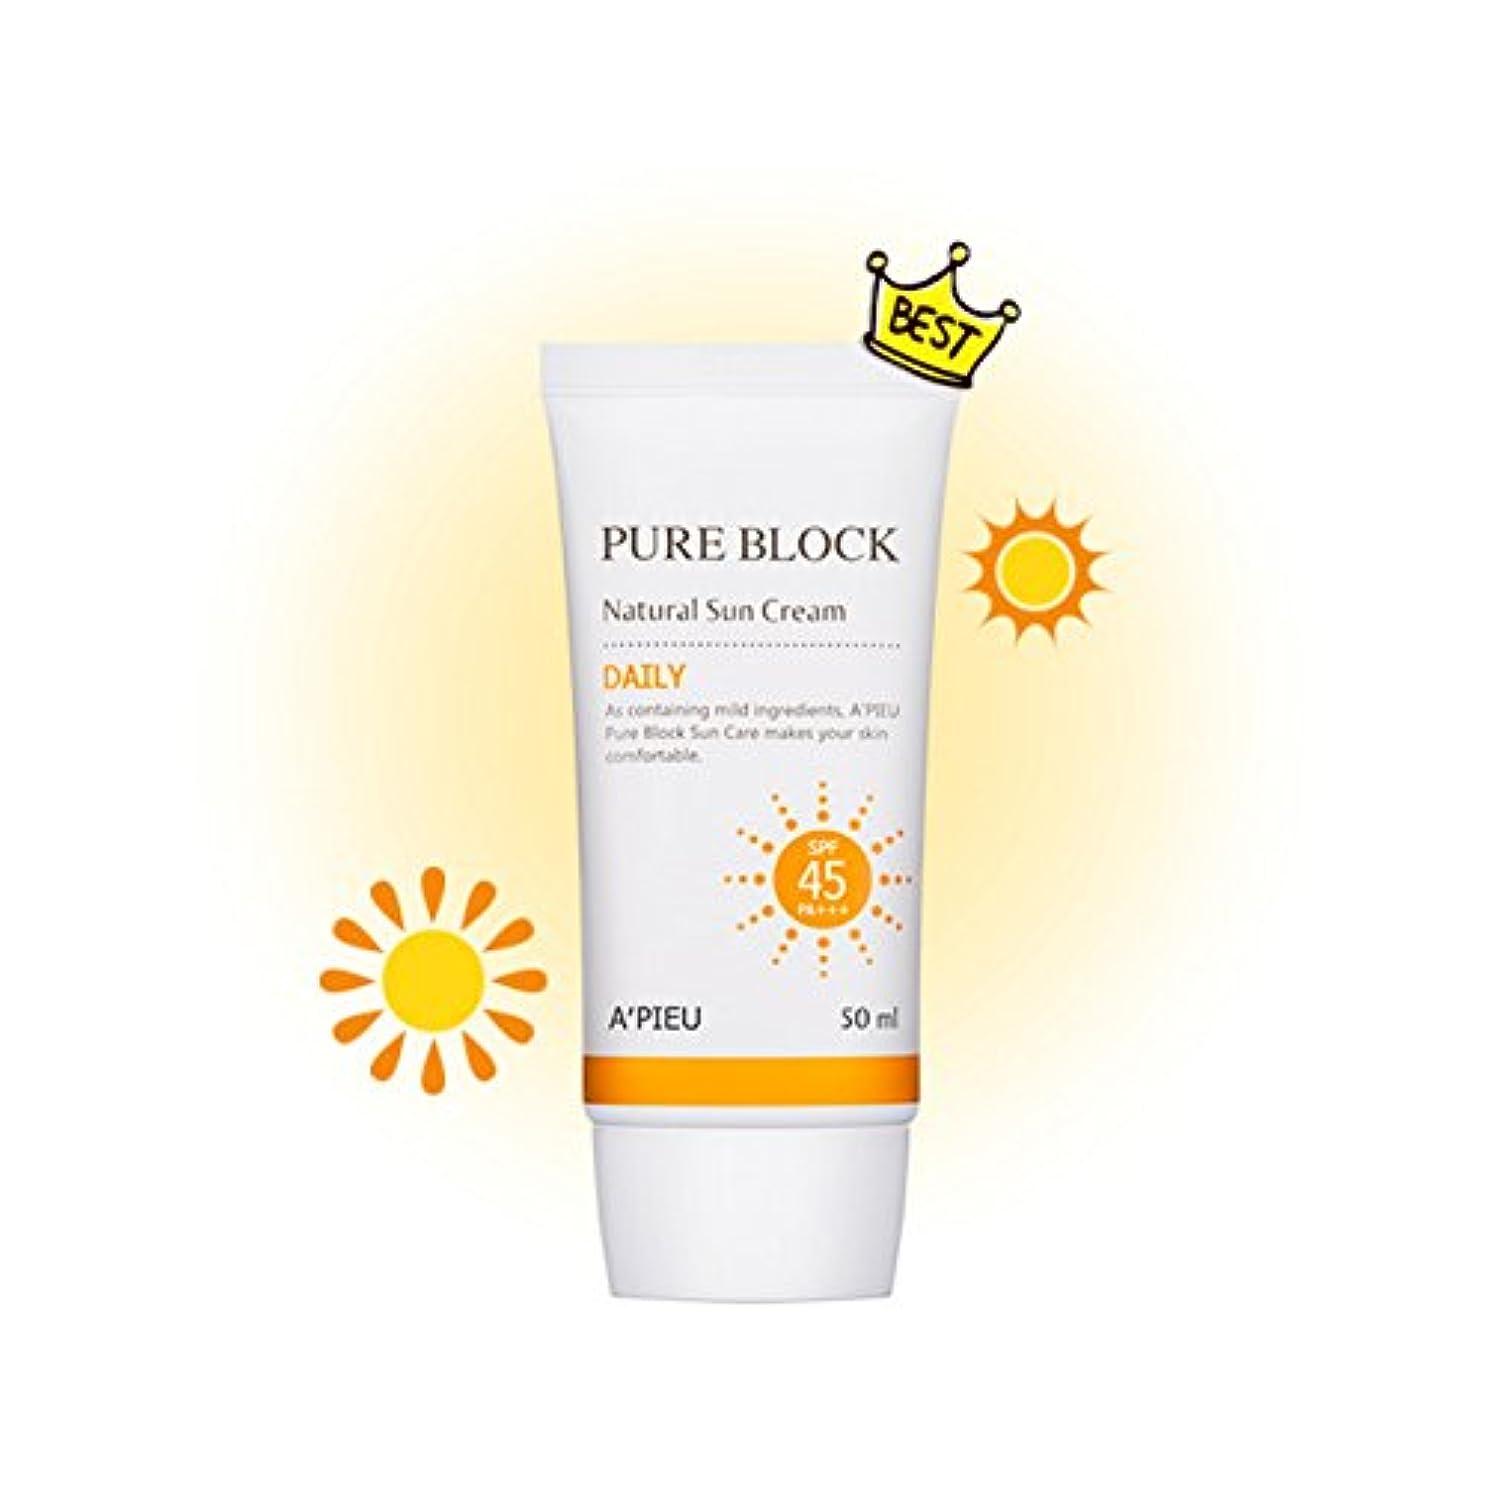 考古学者美容師革命的[オピュ] A'PIEU ピュアブロックナチュラルデイリー日焼け止め Pure Block Natural Daily Sun Cream SPF 45 PA+++ [並行輸入品]